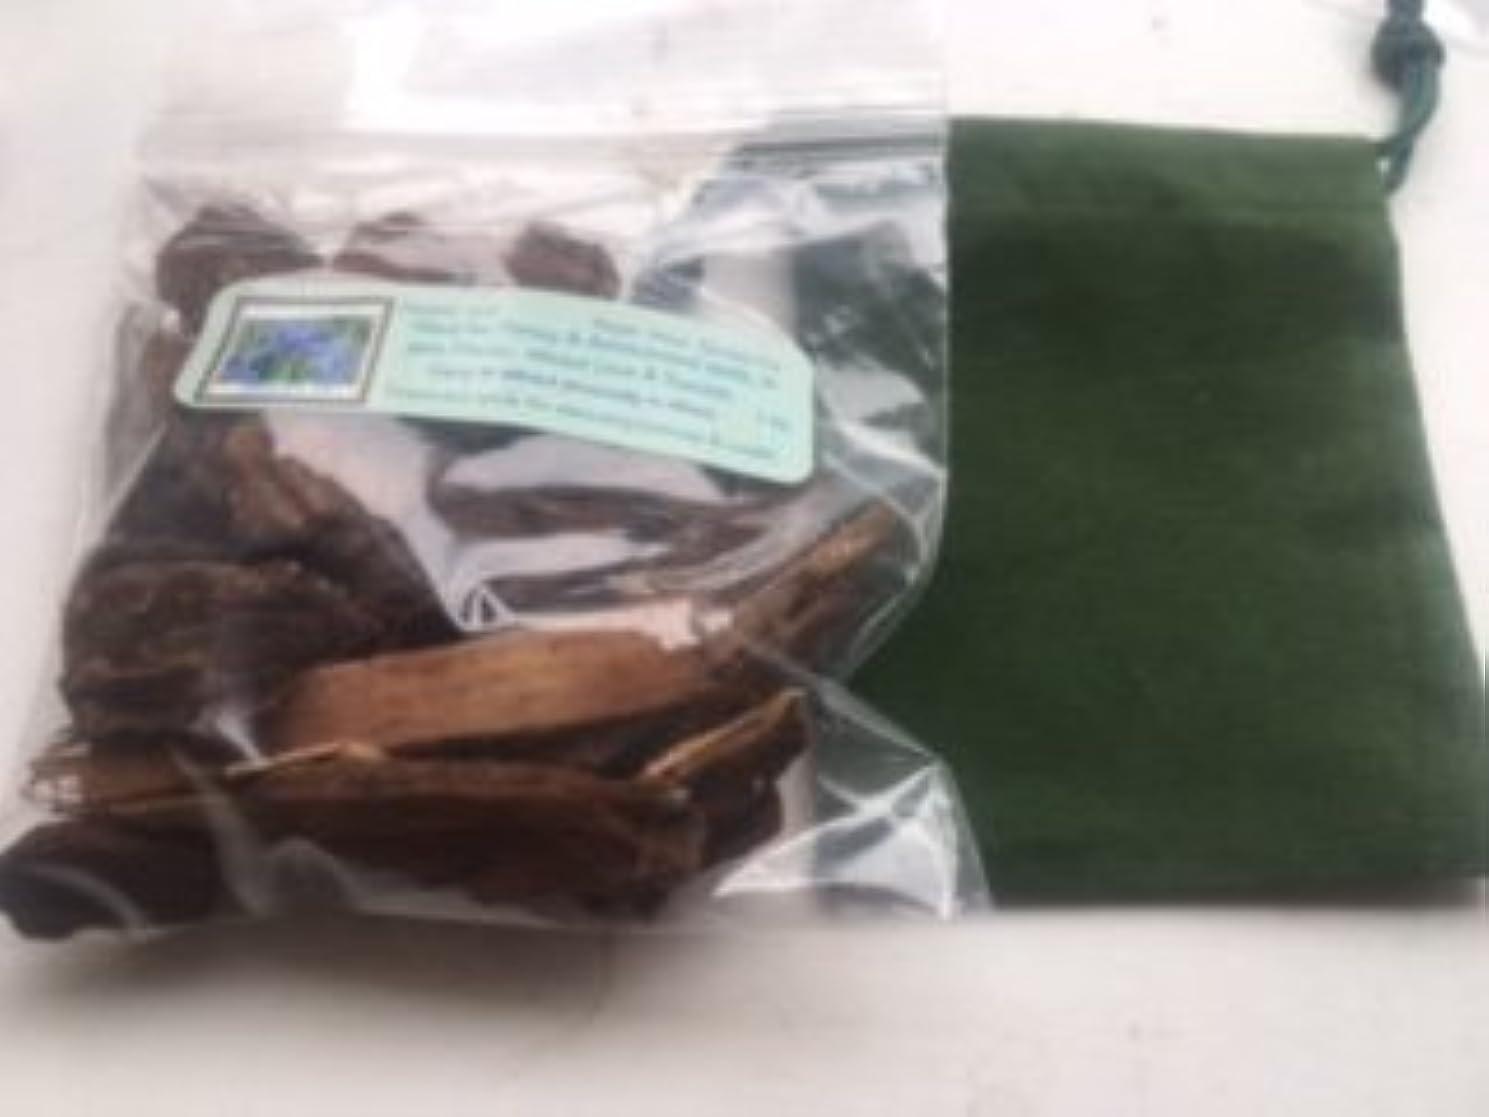 塊土失礼Jezebelルート~ 1 oz Dried Herb ~ WithグリーンベルベットMojoバッグ~ Ravenz Roost Herb with special Info Onラベル